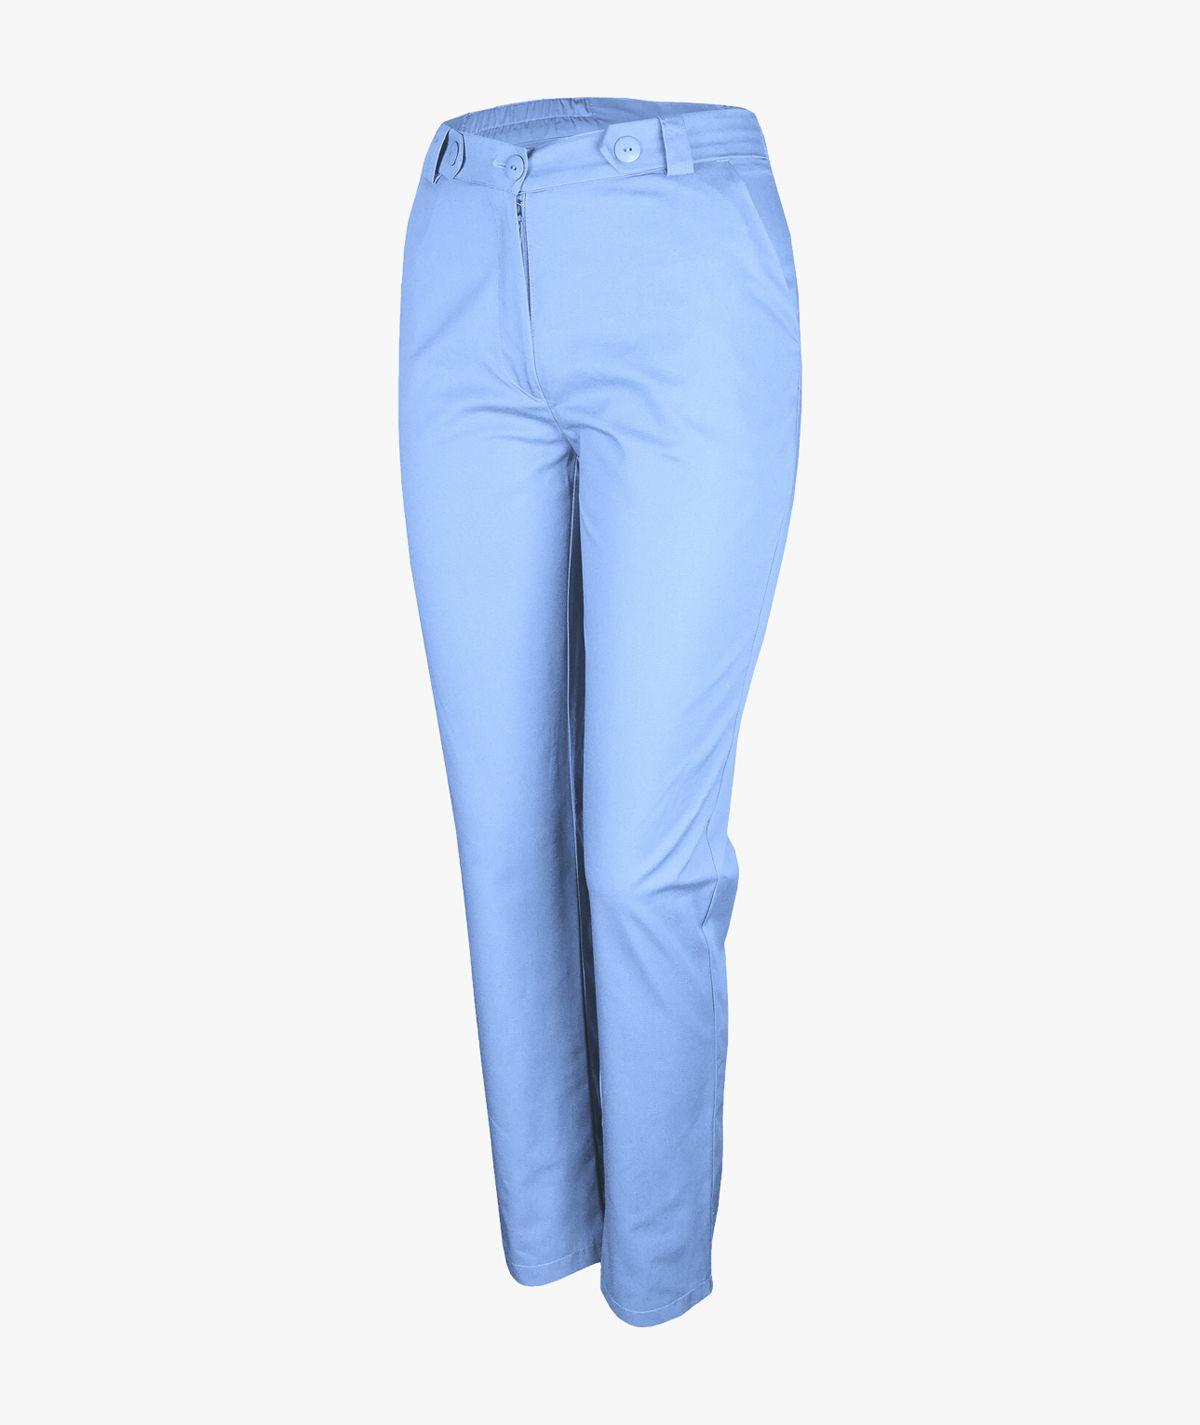 Niebieskie spodnie medyczne Mira